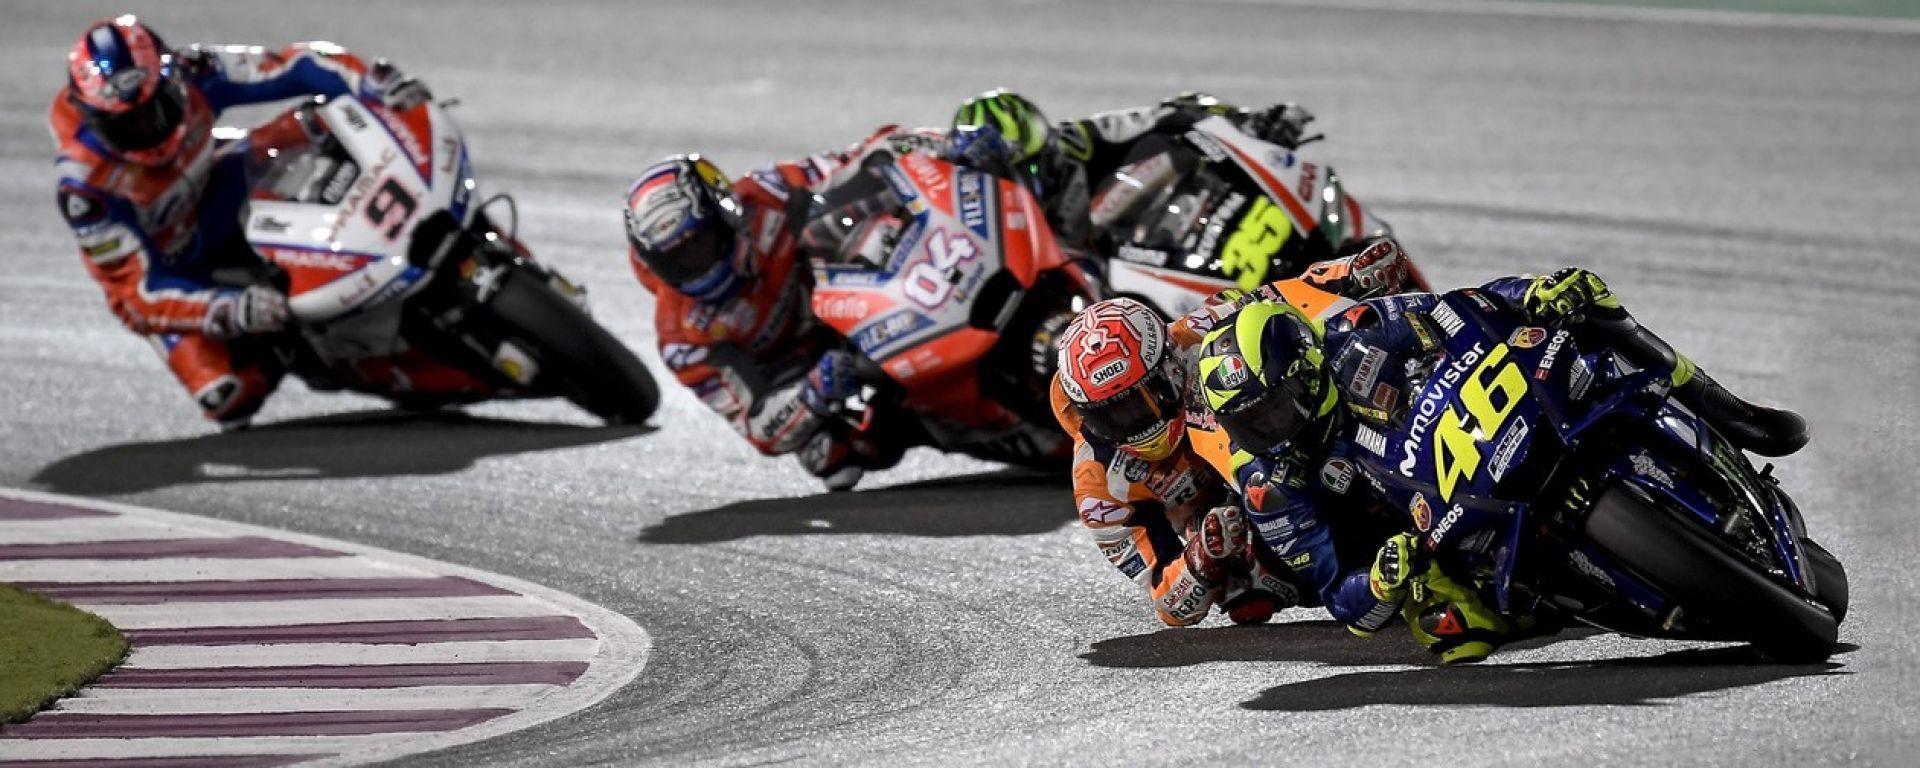 MotoGP Argentina 2018, tutte le info: orari, risultati prove, qualifiche e gara